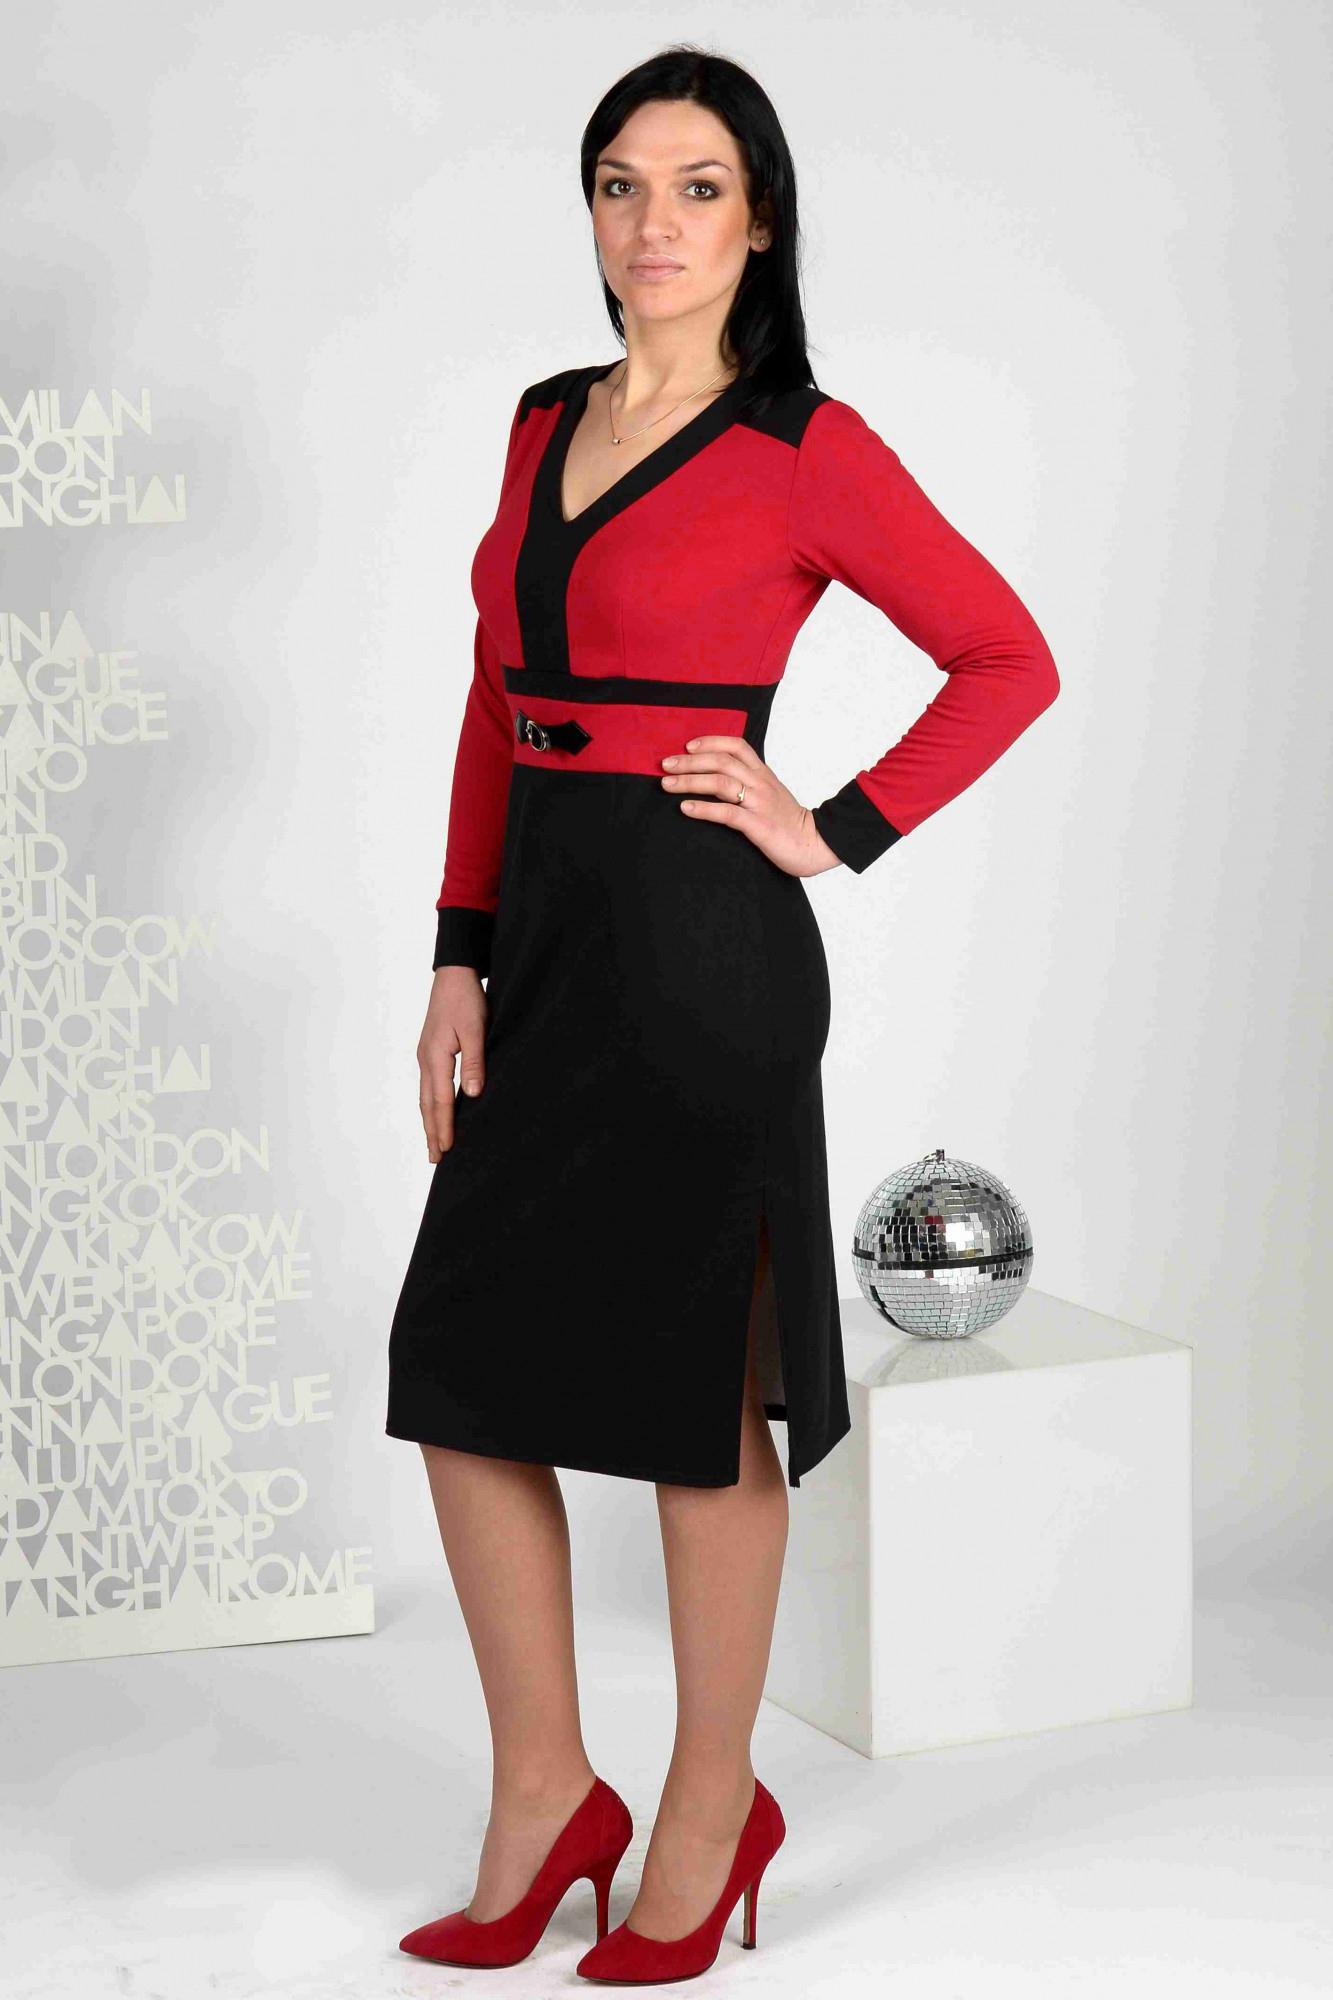 ПлатьеПлатья<br>Стильное трикотажное платье из джерси, отрезное под грудью. Лиф с глубоким V-образным вырезом, спинка с округлой кокеткой. Перед платья украшен клевантом из кожи-лаке. Изюминка наряда: высокий разрез в левом боковом шве.   Длина до 48 размера - 104 см., после 50 размера - 110 см.   В изделии использованы цвета: черный, красный  Ростовка изделия 170 см.<br><br>Горловина: V- горловина<br>По длине: Ниже колена<br>По материалу: Вискоза,Трикотаж<br>По рисунку: Цветные<br>По силуэту: Приталенные<br>По стилю: Повседневный стиль<br>По форме: Платье - футляр<br>По элементам: С отделочной фурнитурой,С разрезом<br>Рукав: Длинный рукав<br>По сезону: Осень,Весна,Зима<br>Размер : 46,48,50,52<br>Материал: Джерси<br>Количество в наличии: 5